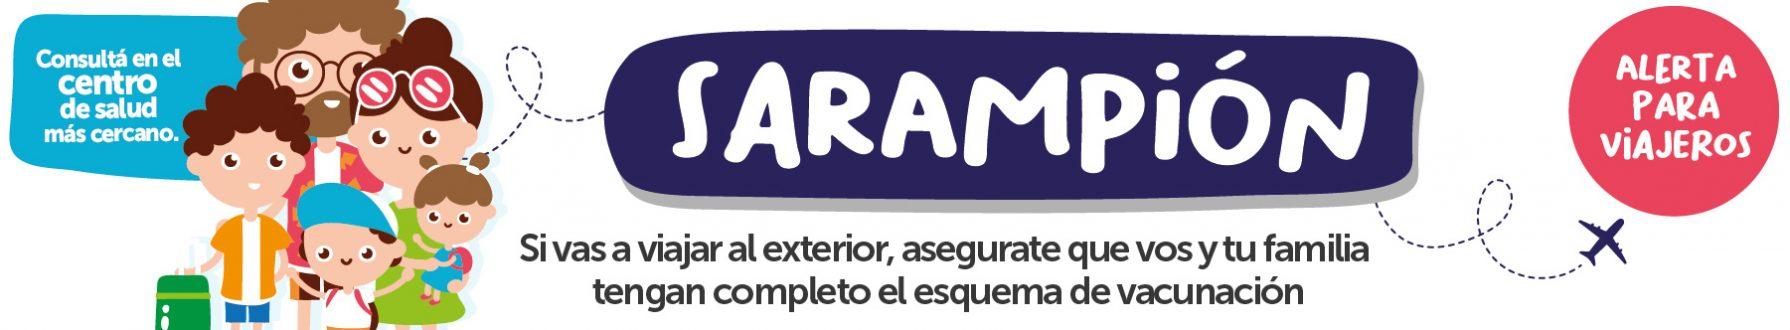 sarampion-08